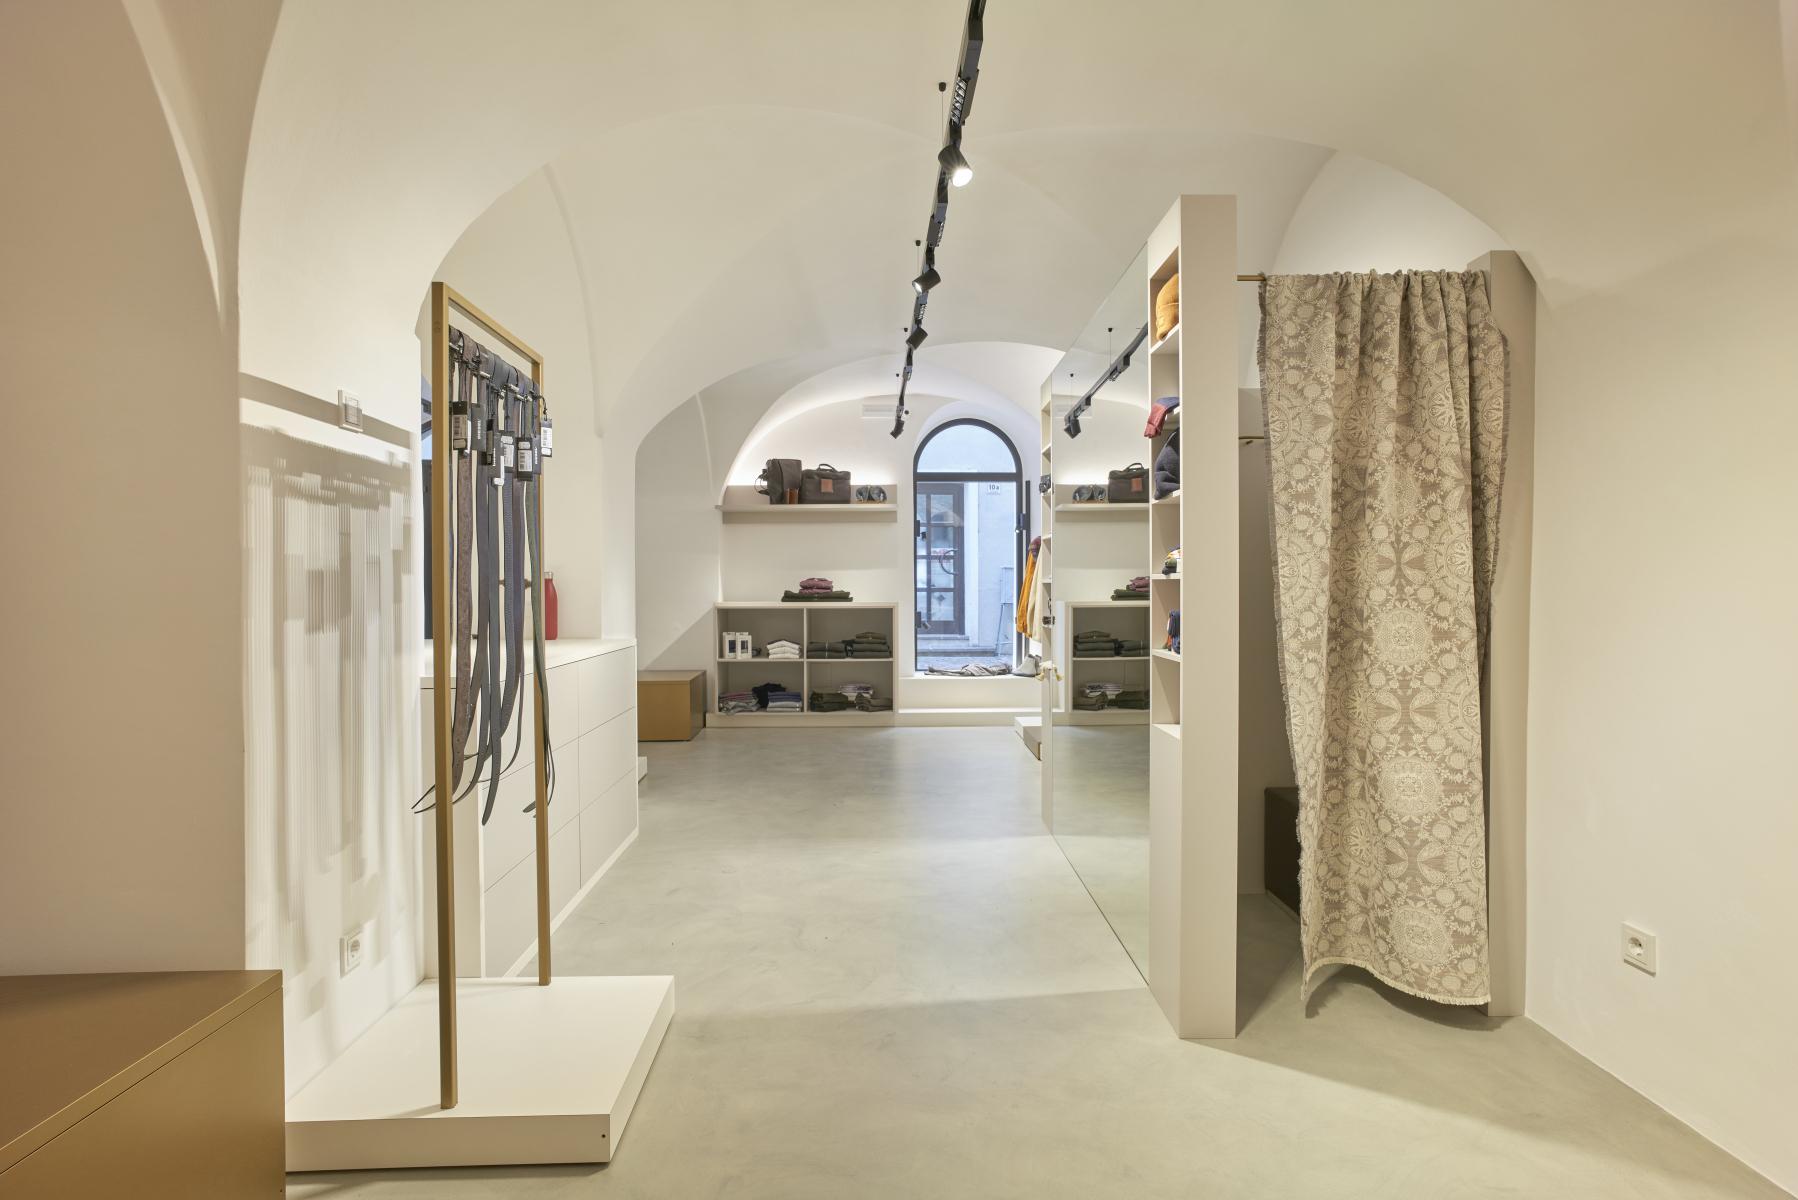 Mode_Tschurtschenthaler_Bruneck_interior_design18